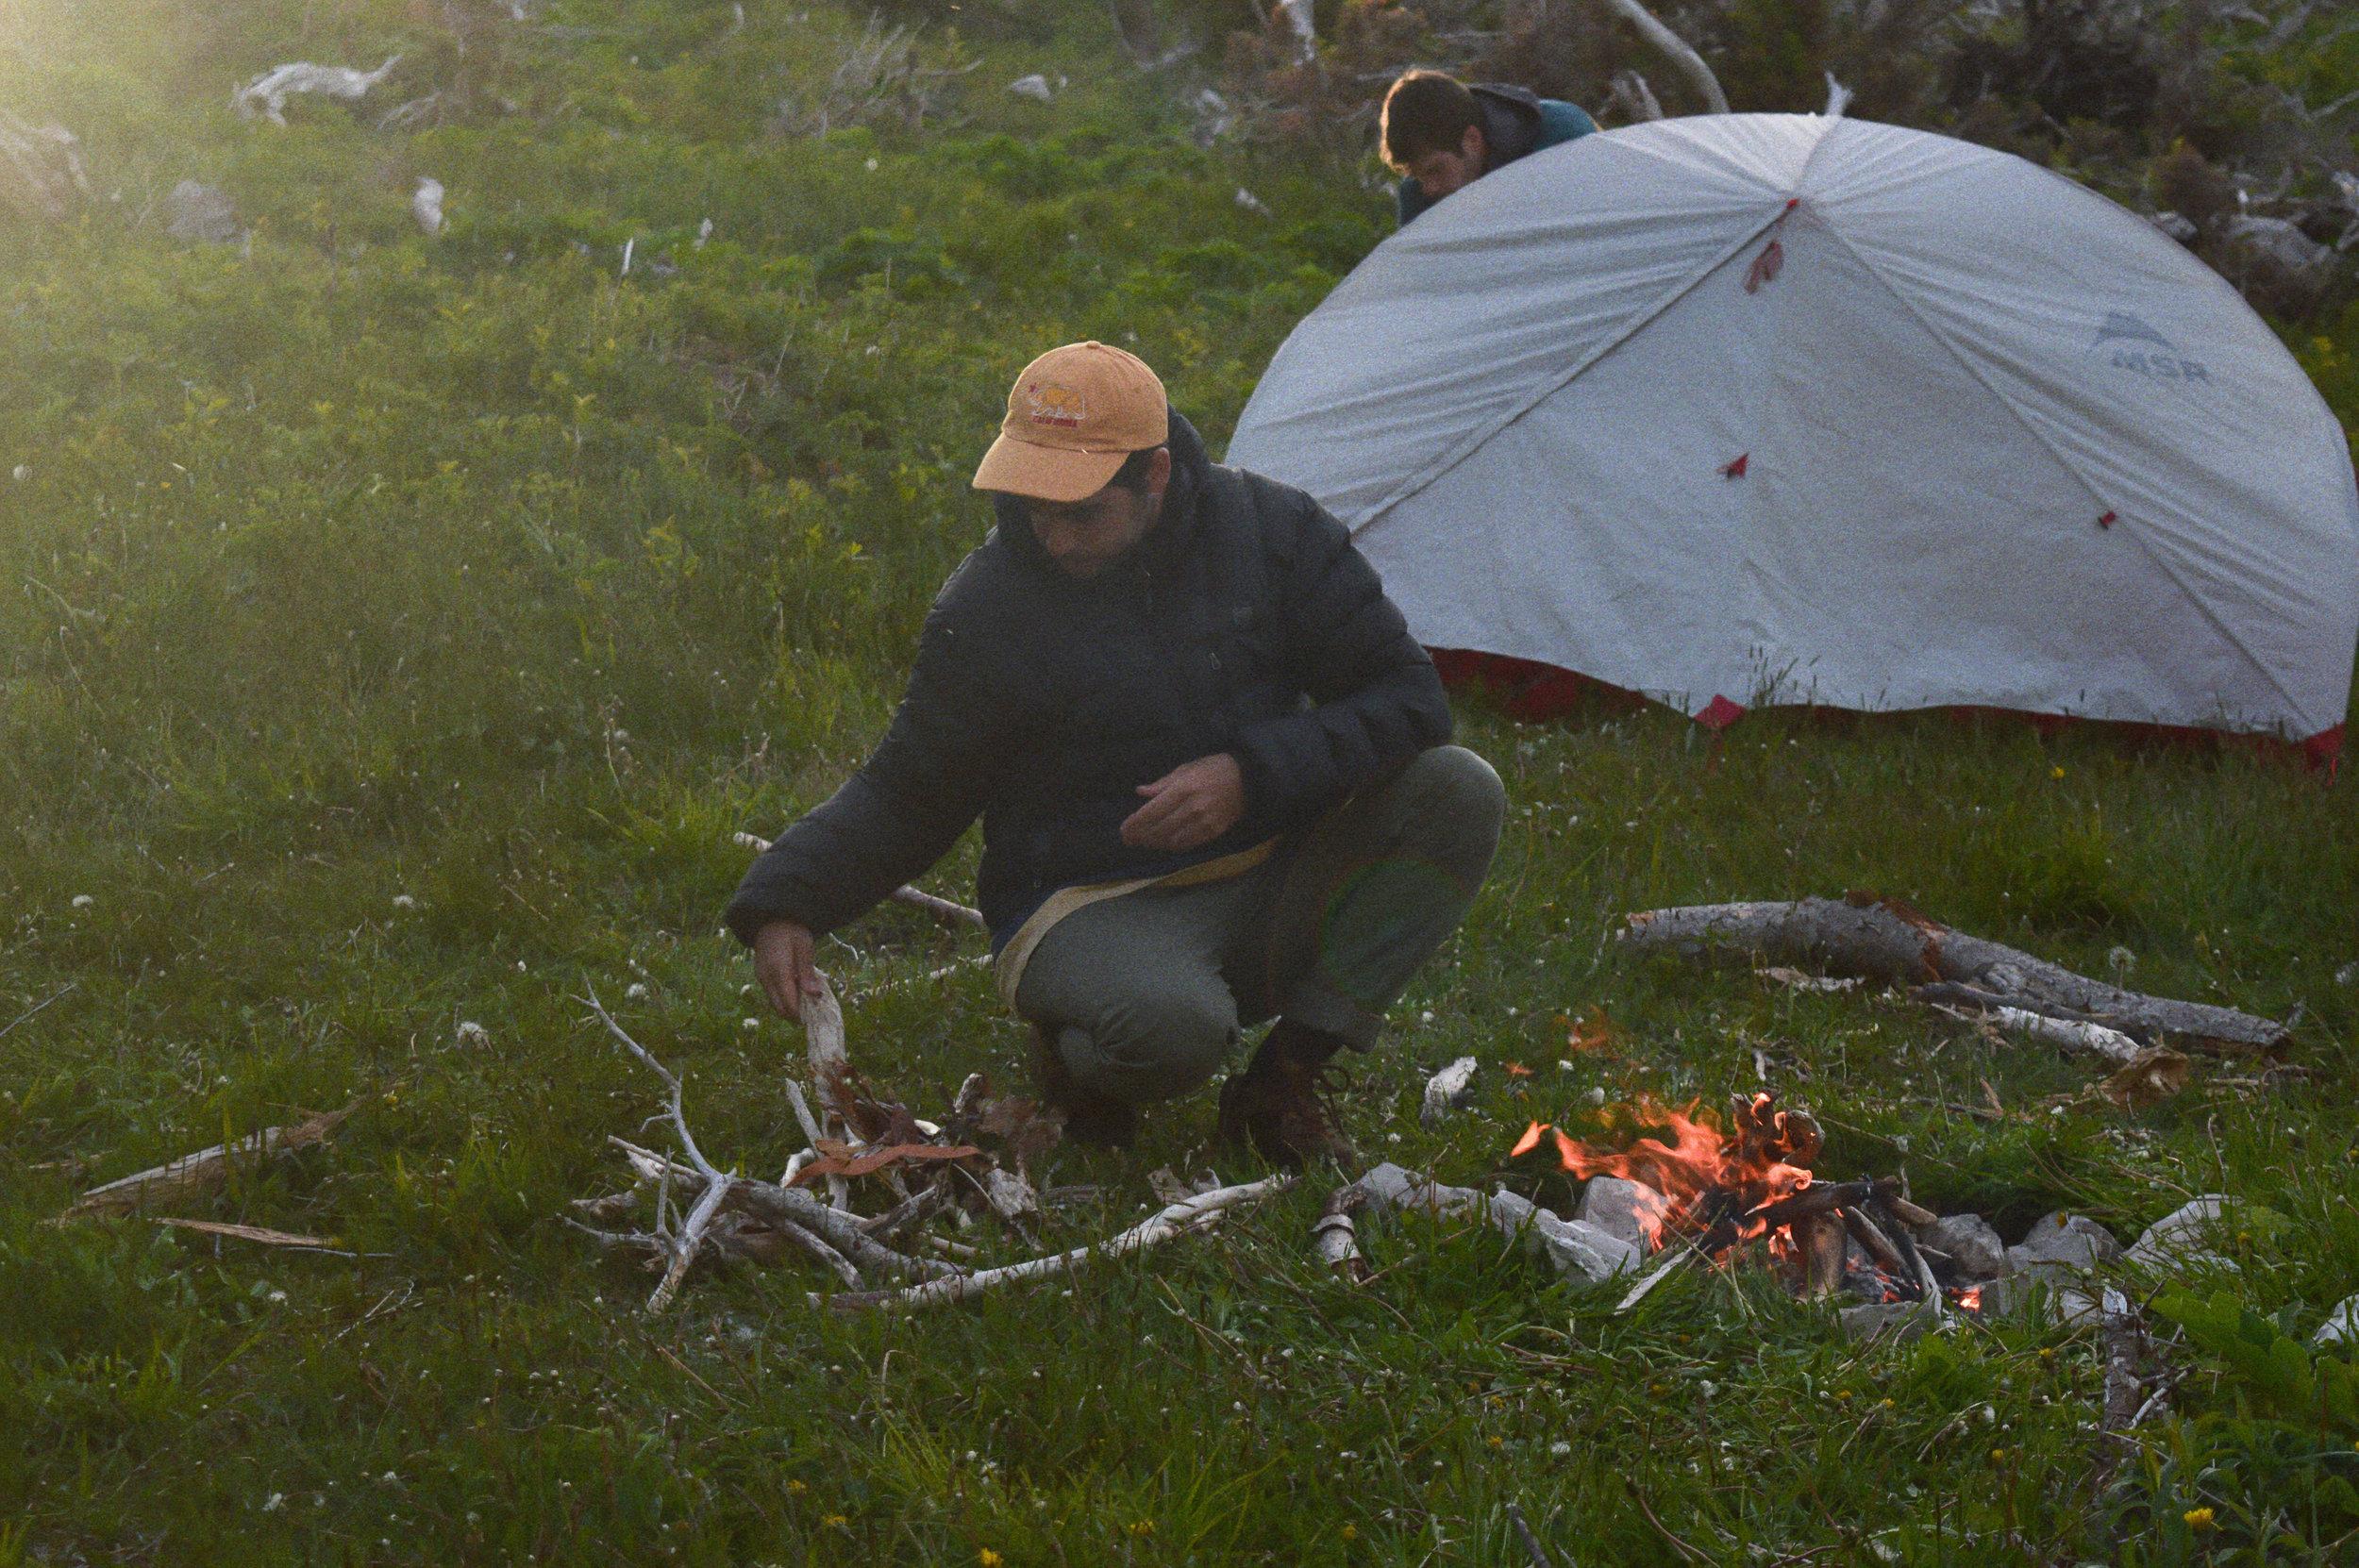 Campfires at Snug Harbour